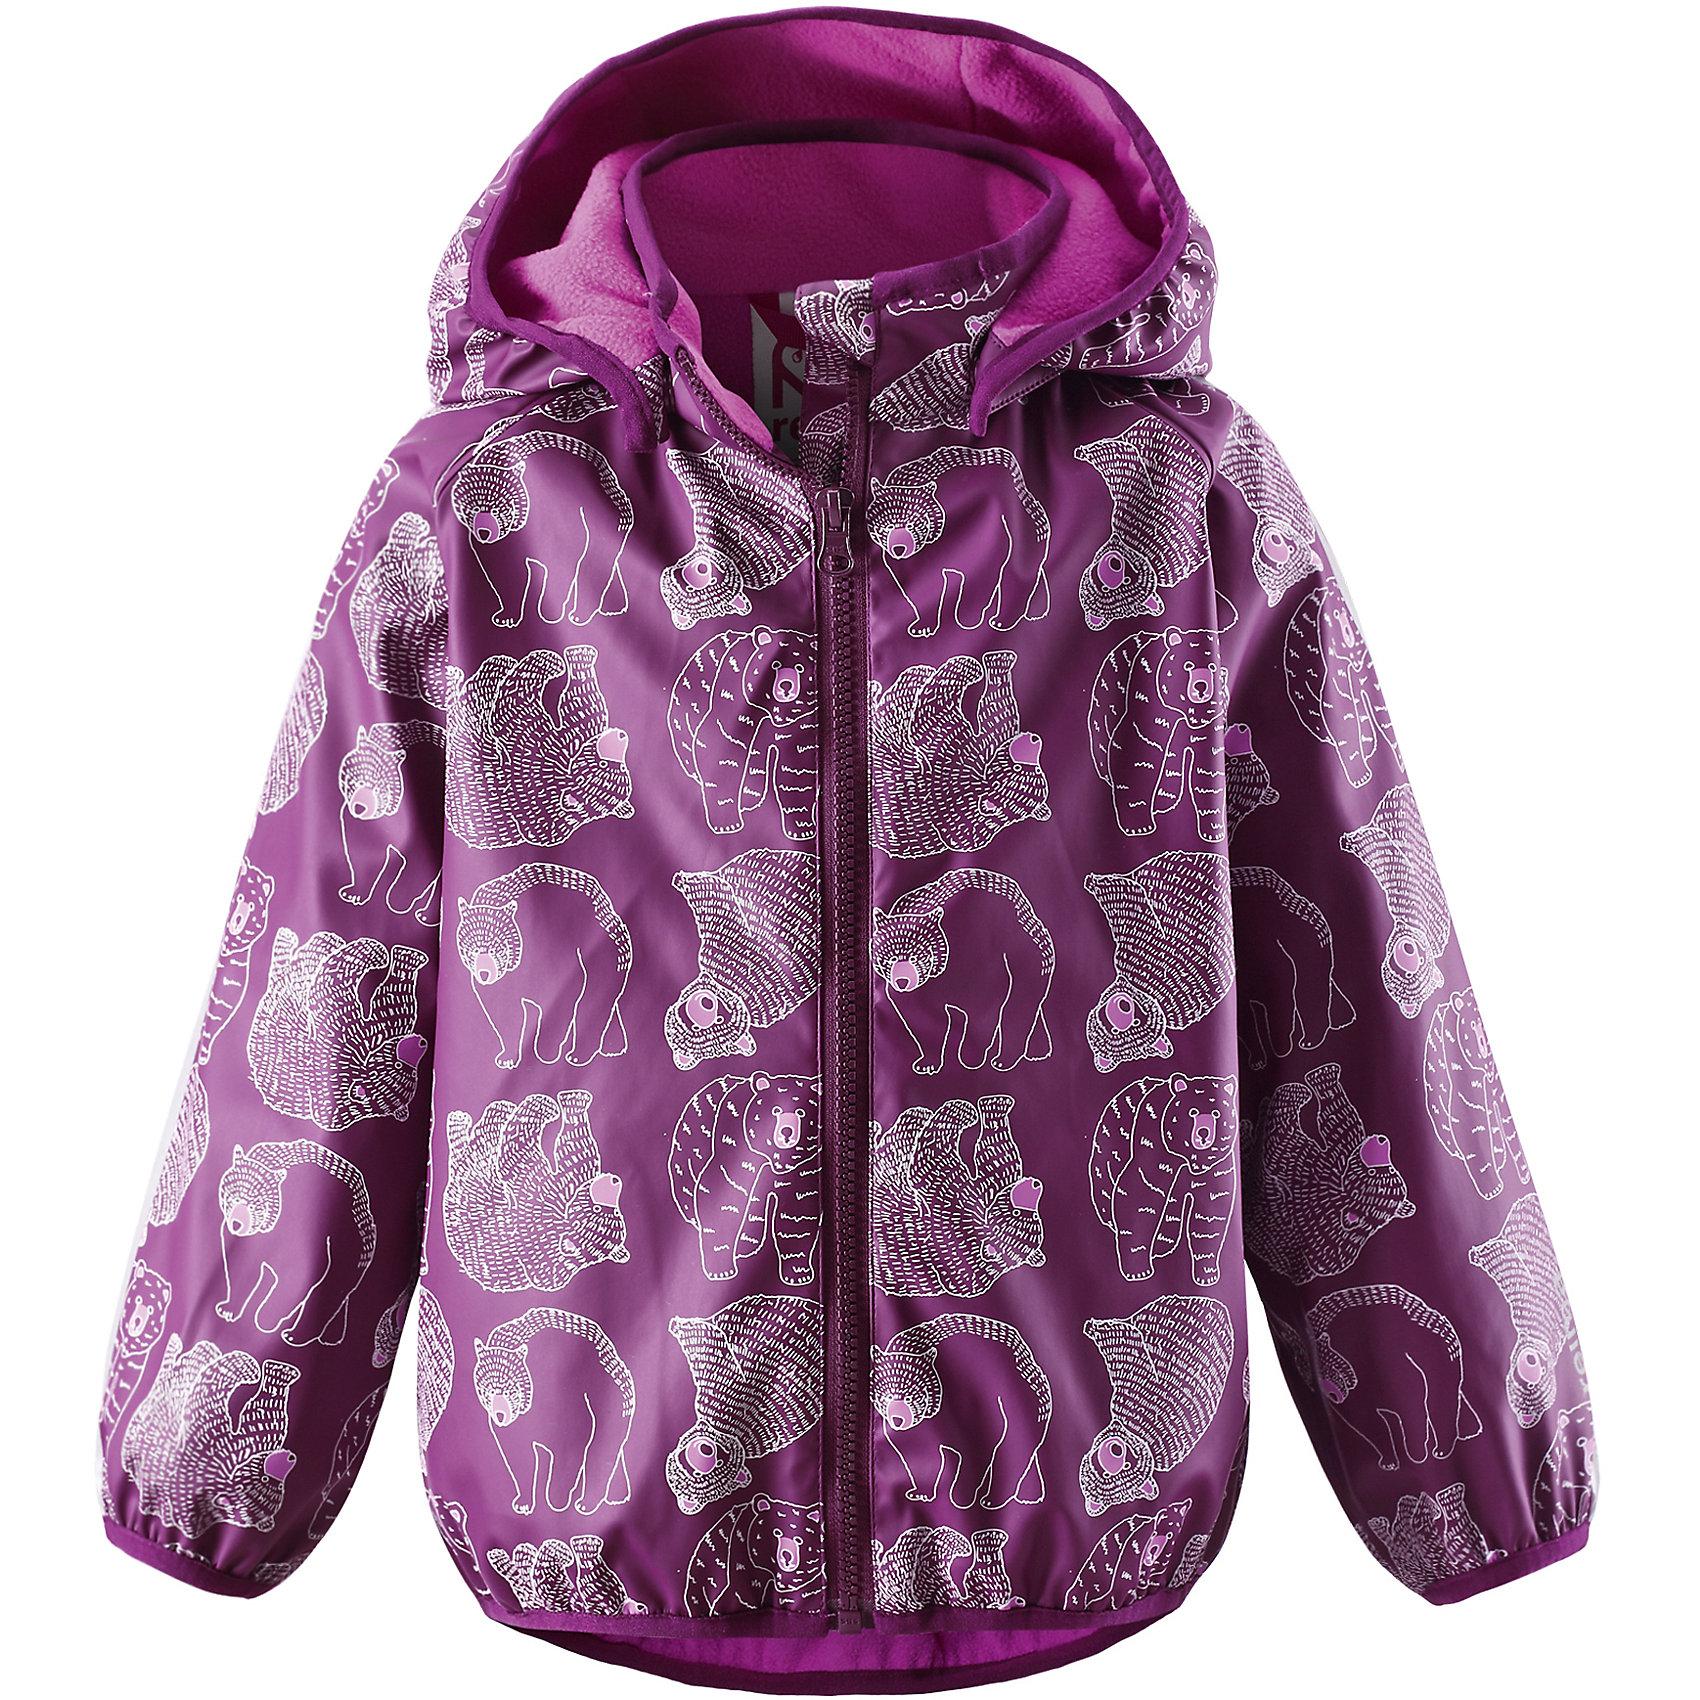 Плащ-дождевик Koski для девочки ReimaПлащ-дождевик  Reima<br>Куртка-дождевик для детей. Запаянные швы, не пропускающие влагу. Эластичный материал. Без ПХВ. Мягкая теплая подкладка из флиса. Безопасный, съемный капюшон. Эластичная резинка на кромке капюшона, манжетах и подоле. Молния спереди. Принт по всей поверхности. Безопасные светоотражающие детали.<br>Уход:<br>Стирать по отдельности, вывернув наизнанку. Застегнуть молнии и липучки. Стирать моющим средством, не содержащим отбеливающие вещества. Полоскать без специального средства. Во избежание изменения цвета изделие необходимо вынуть из стиральной машинки незамедлительно после окончания программы стирки. Сушить при низкой температуре.<br>Состав:<br>100% Полиамид, полиуретановое покрытие<br><br>Ширина мм: 356<br>Глубина мм: 10<br>Высота мм: 245<br>Вес г: 519<br>Цвет: розовый<br>Возраст от месяцев: 36<br>Возраст до месяцев: 48<br>Пол: Женский<br>Возраст: Детский<br>Размер: 104,110,122,98,128,86,116,92<br>SKU: 4777833